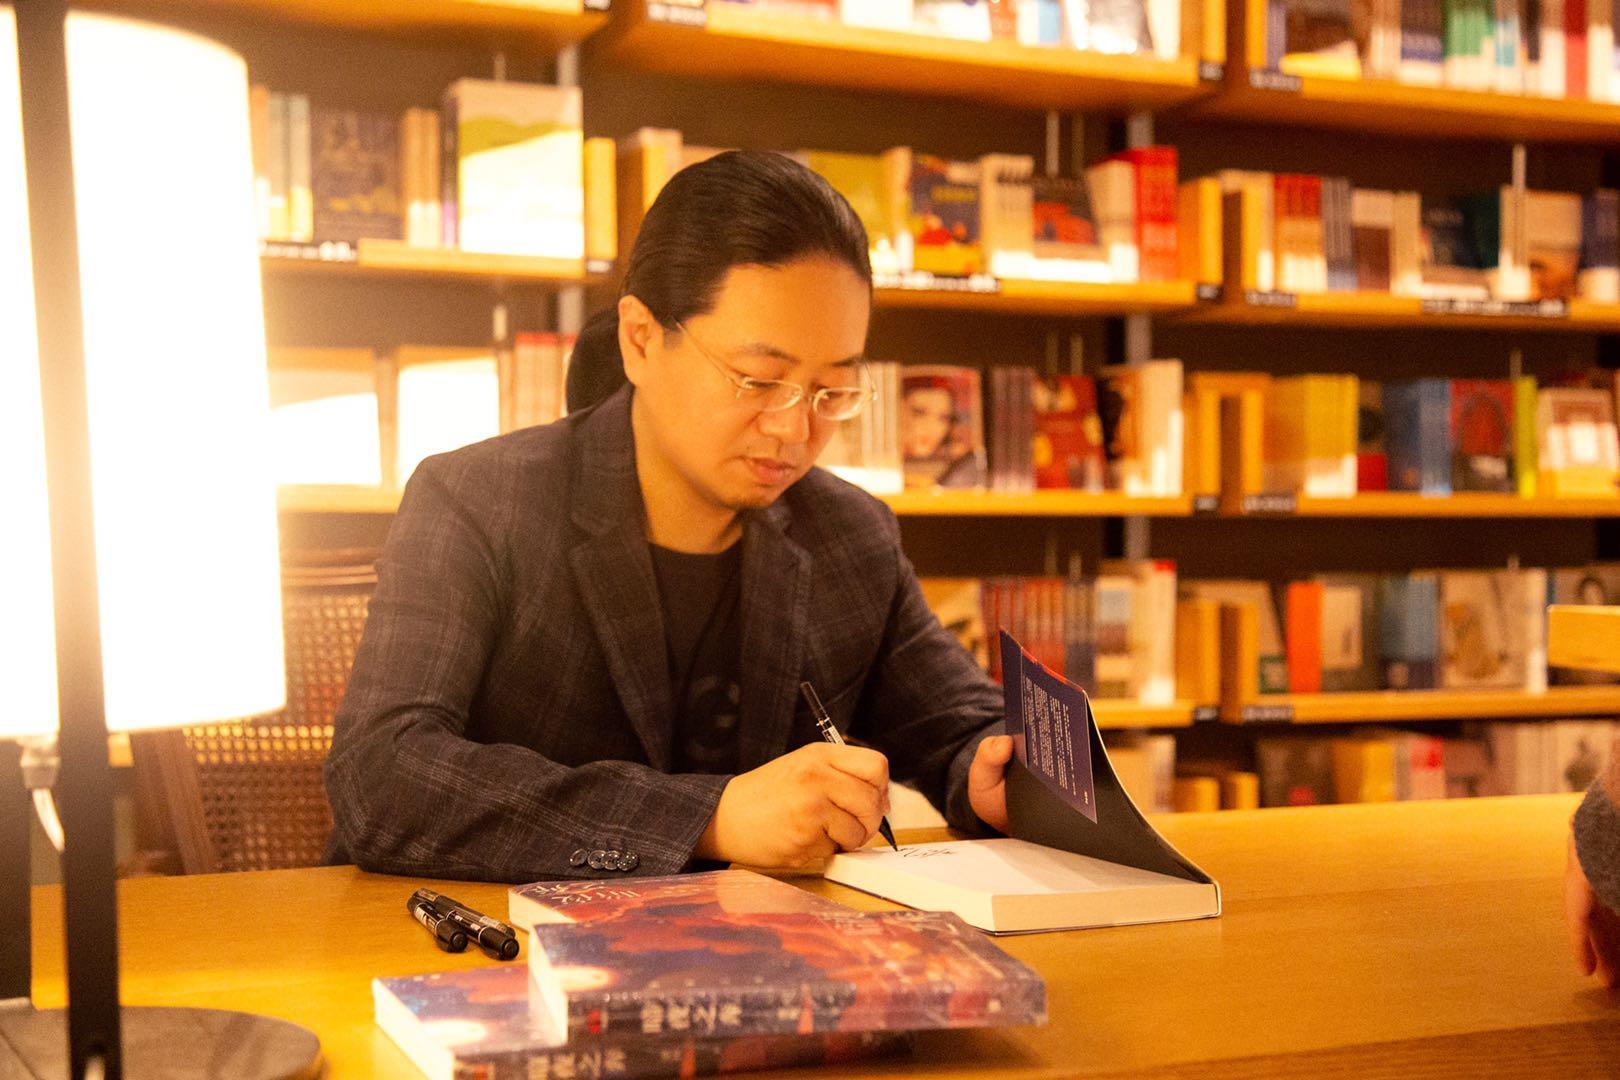 梁柯:类型小说的创作,是为读者定制梦境